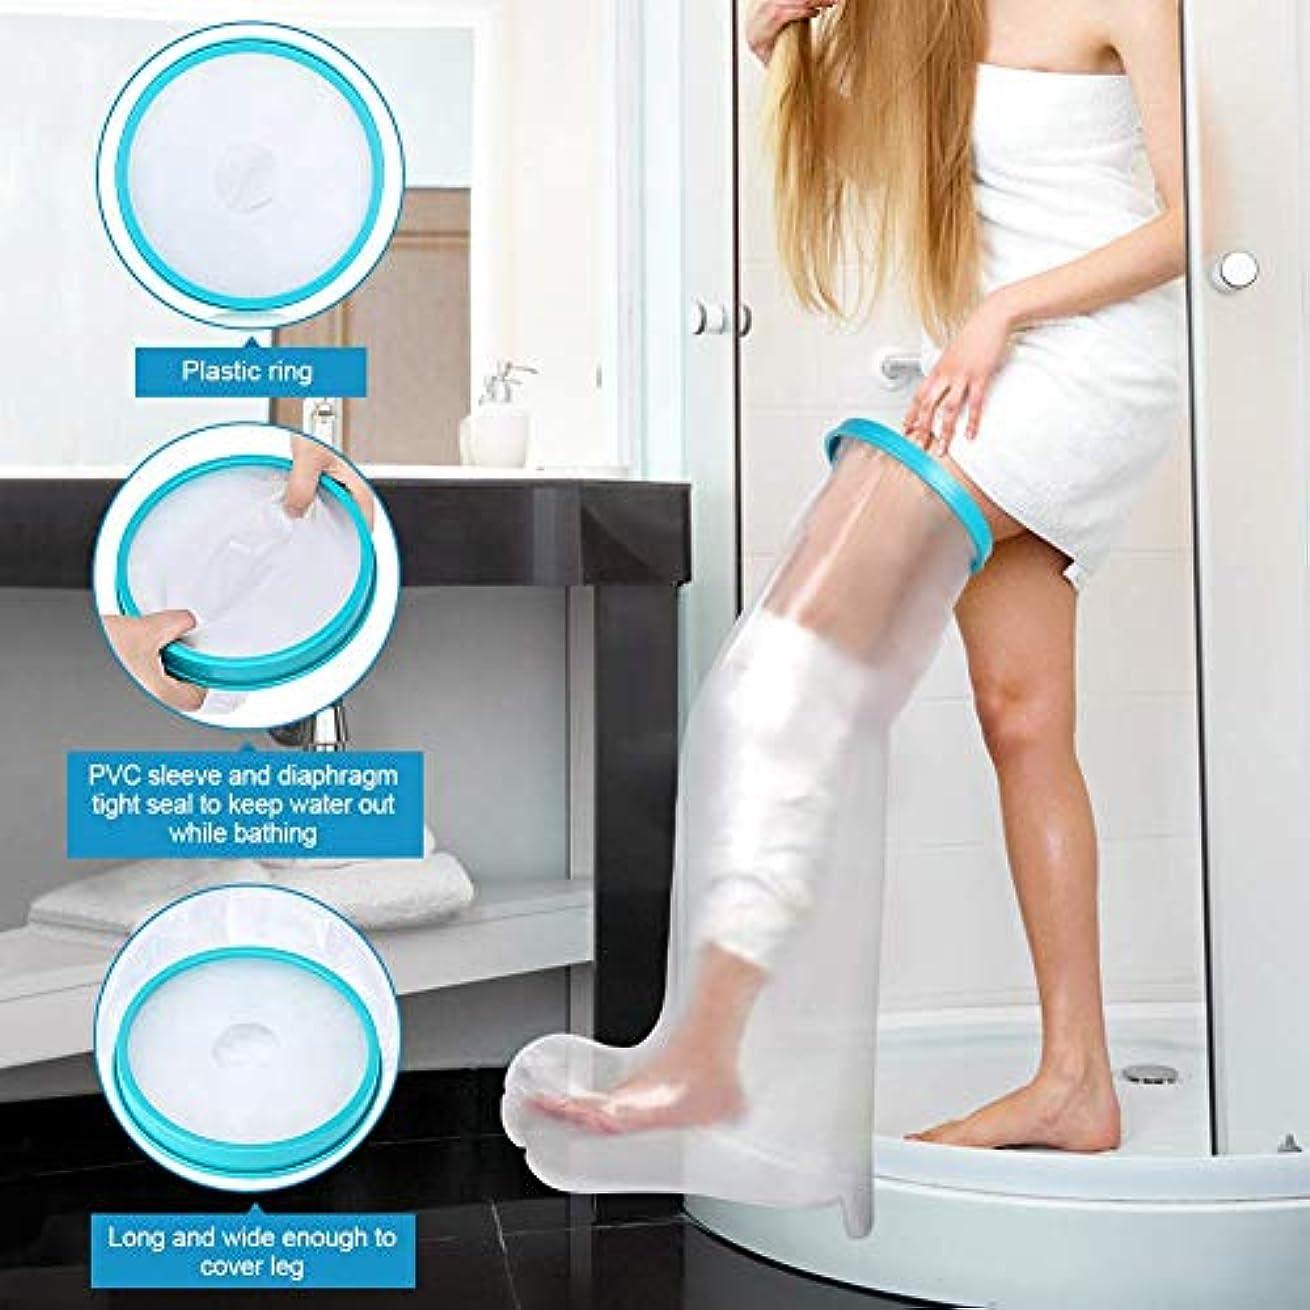 静めるそれに応じてホームシャワー、防水シールタイト大人脚キャストとシャワー、お風呂用包帯プロテクターとホット浴槽用脚キャストカバー